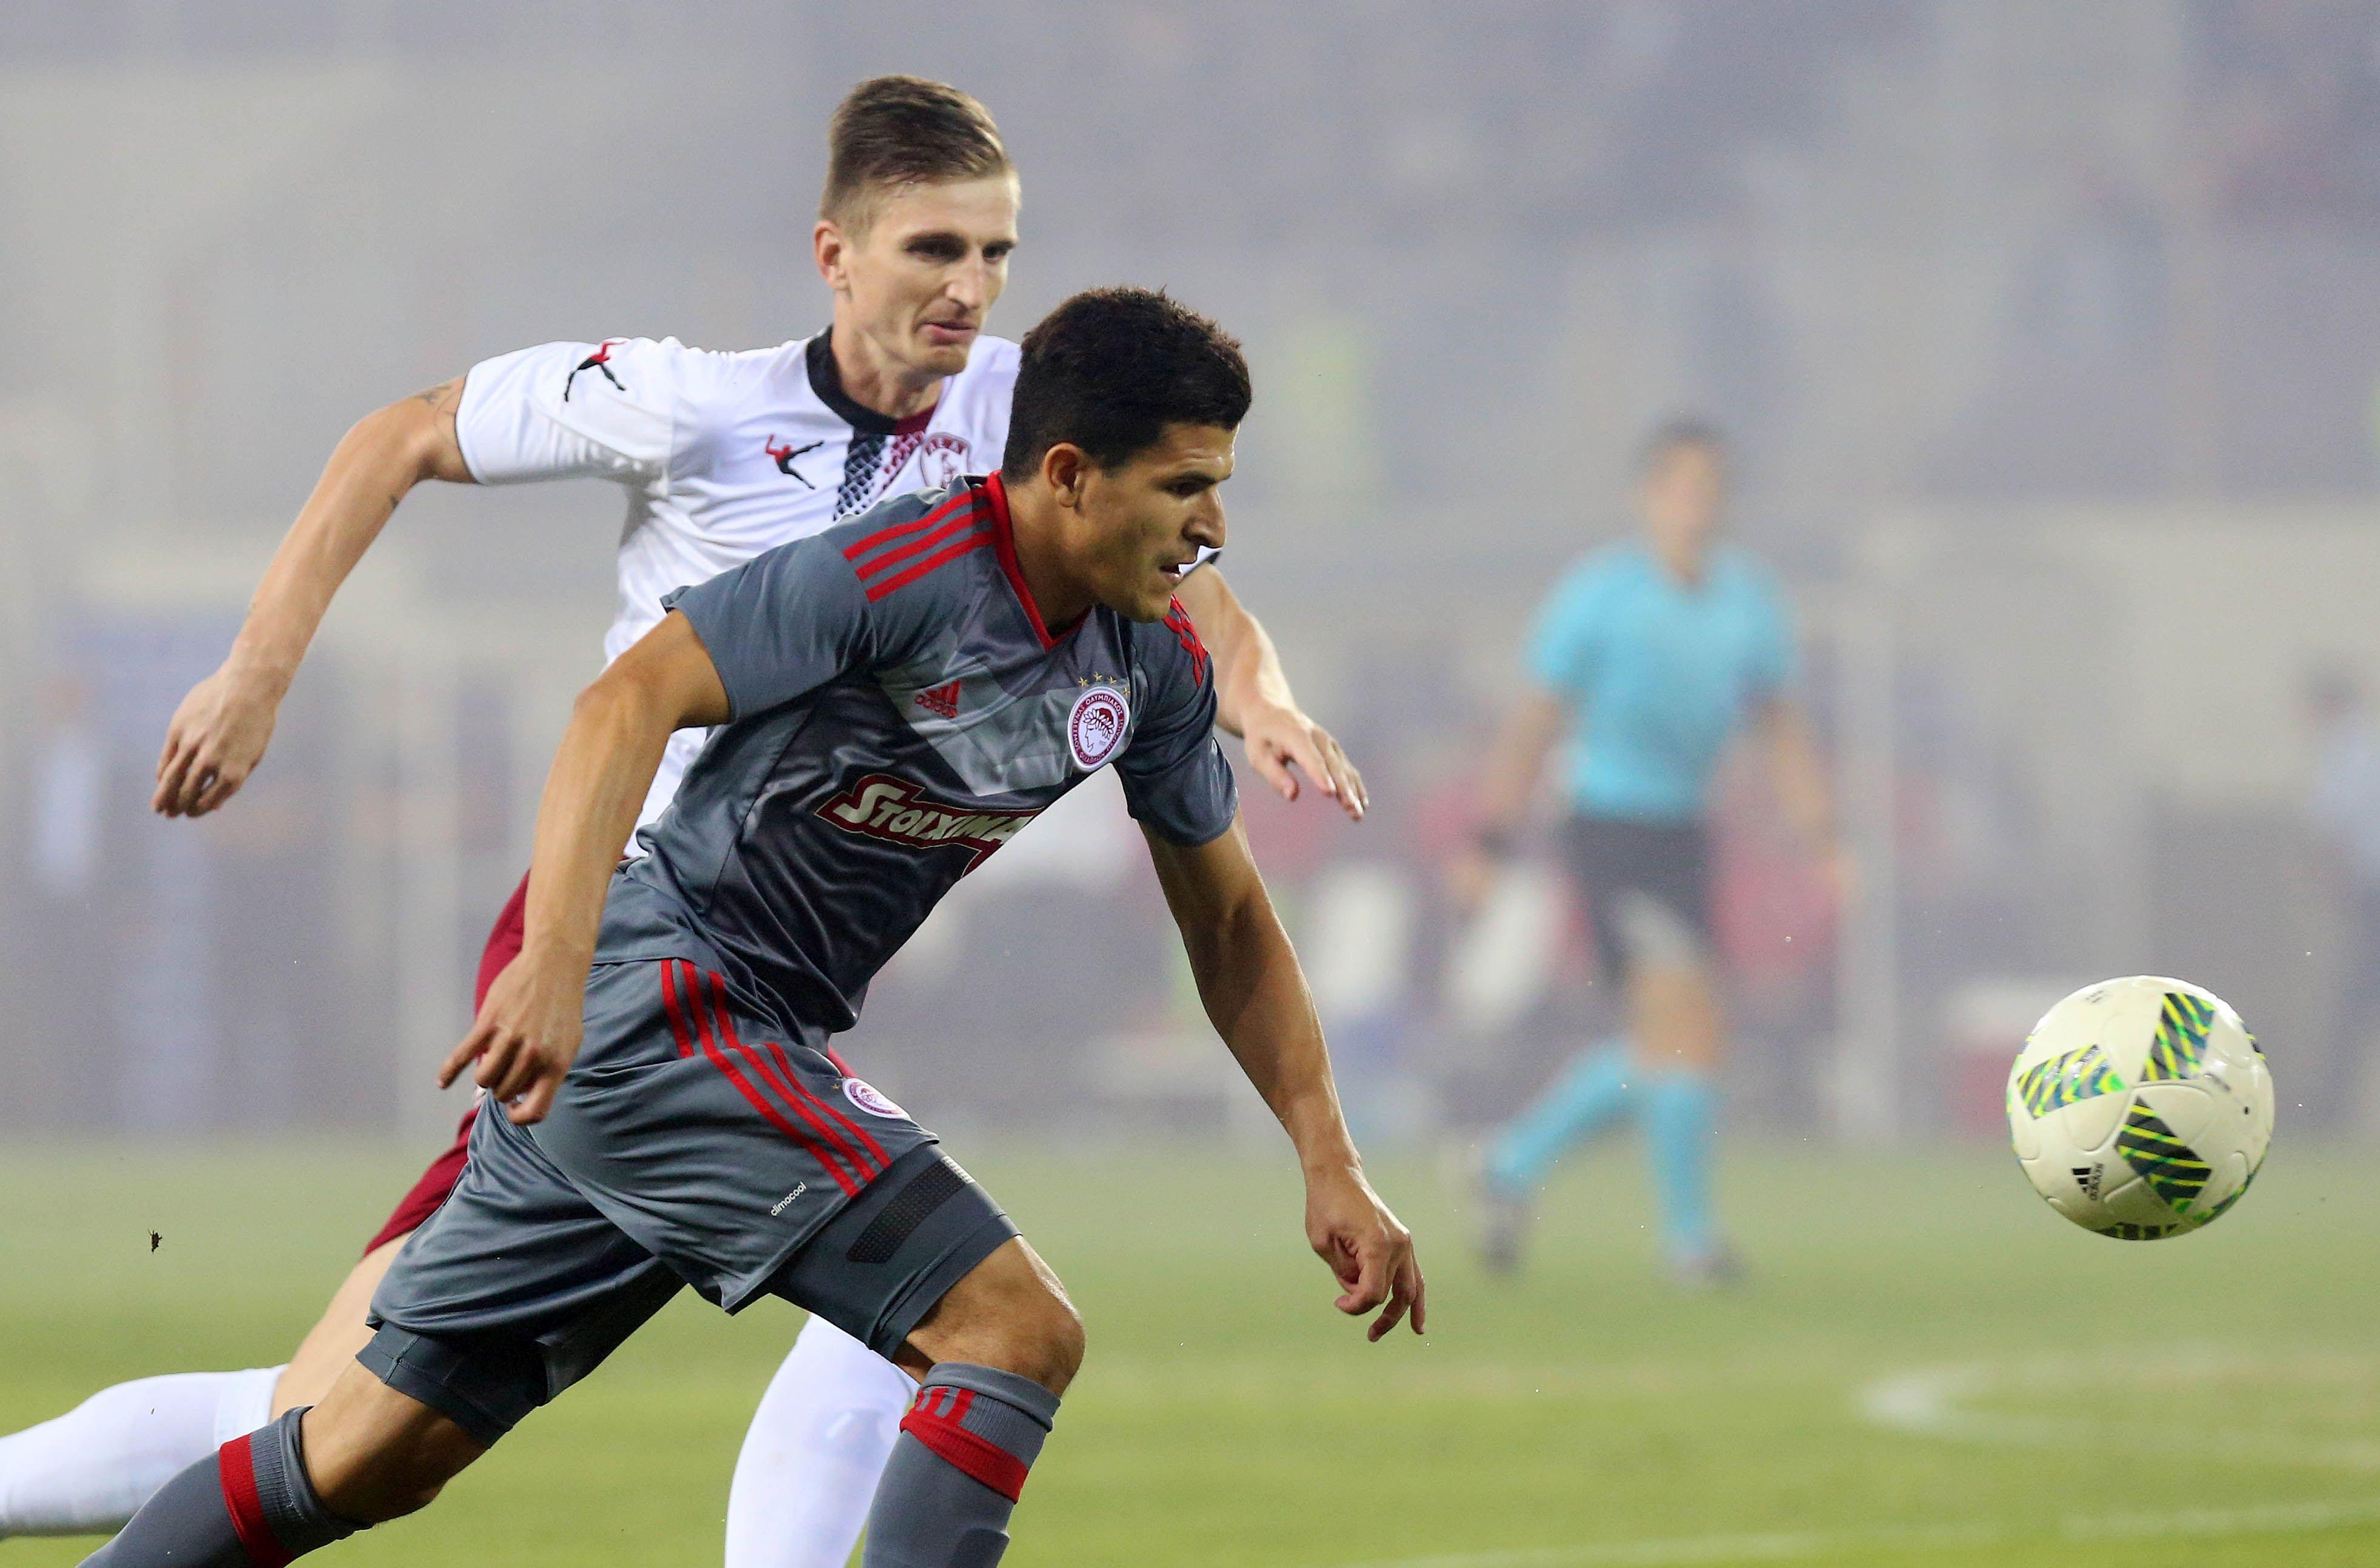 ΑΕΛ-Ολυμπιακός 1-0